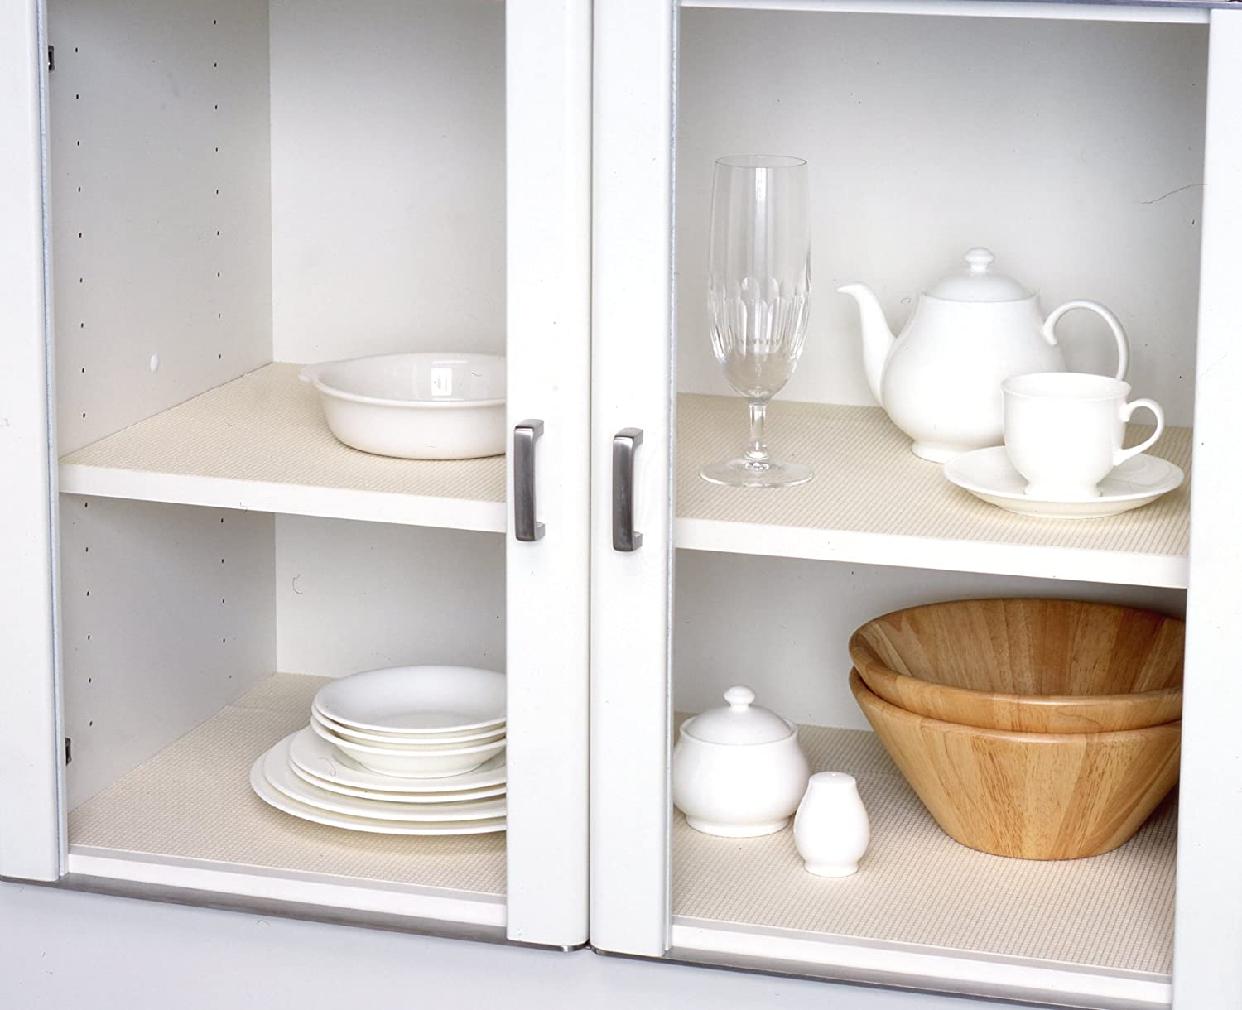 東和産業(とうわさんぎょう)CW 食器棚クロスの商品画像3